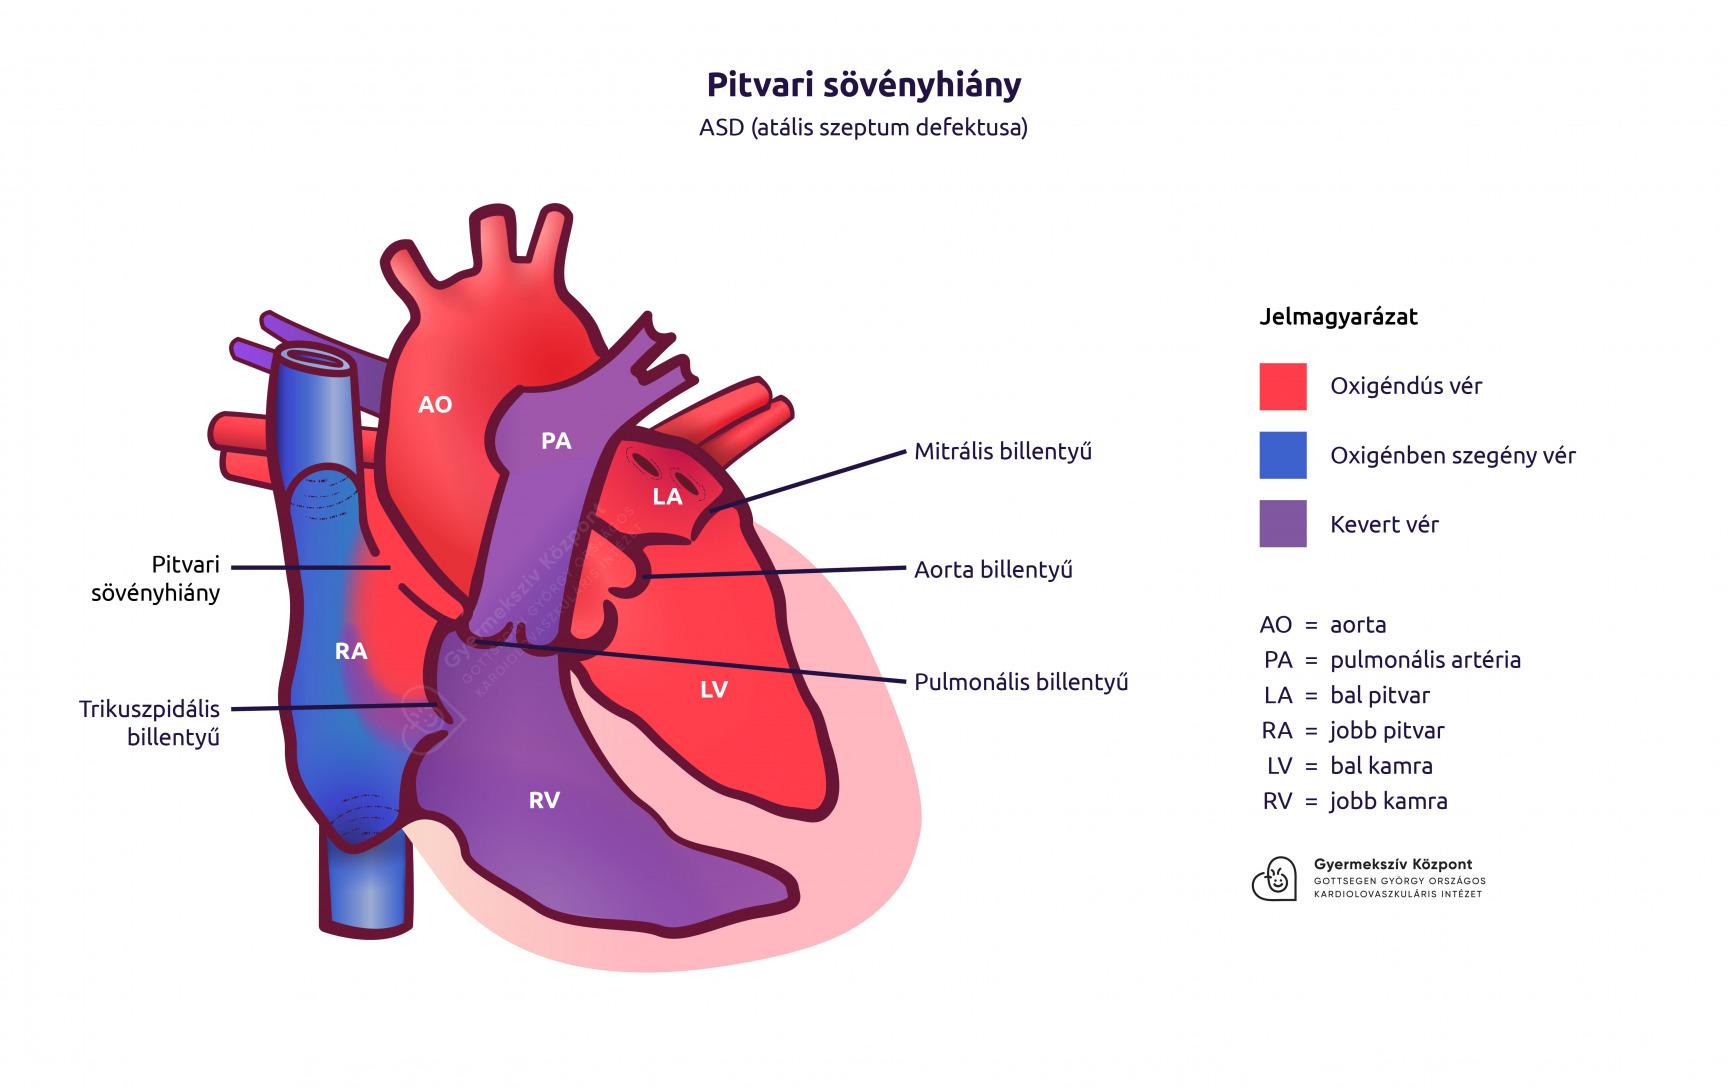 Pitvarfibrilláció 11 oka, 6 tünete, 4 fajtája és 9 kezelési módja [teljes leírás]